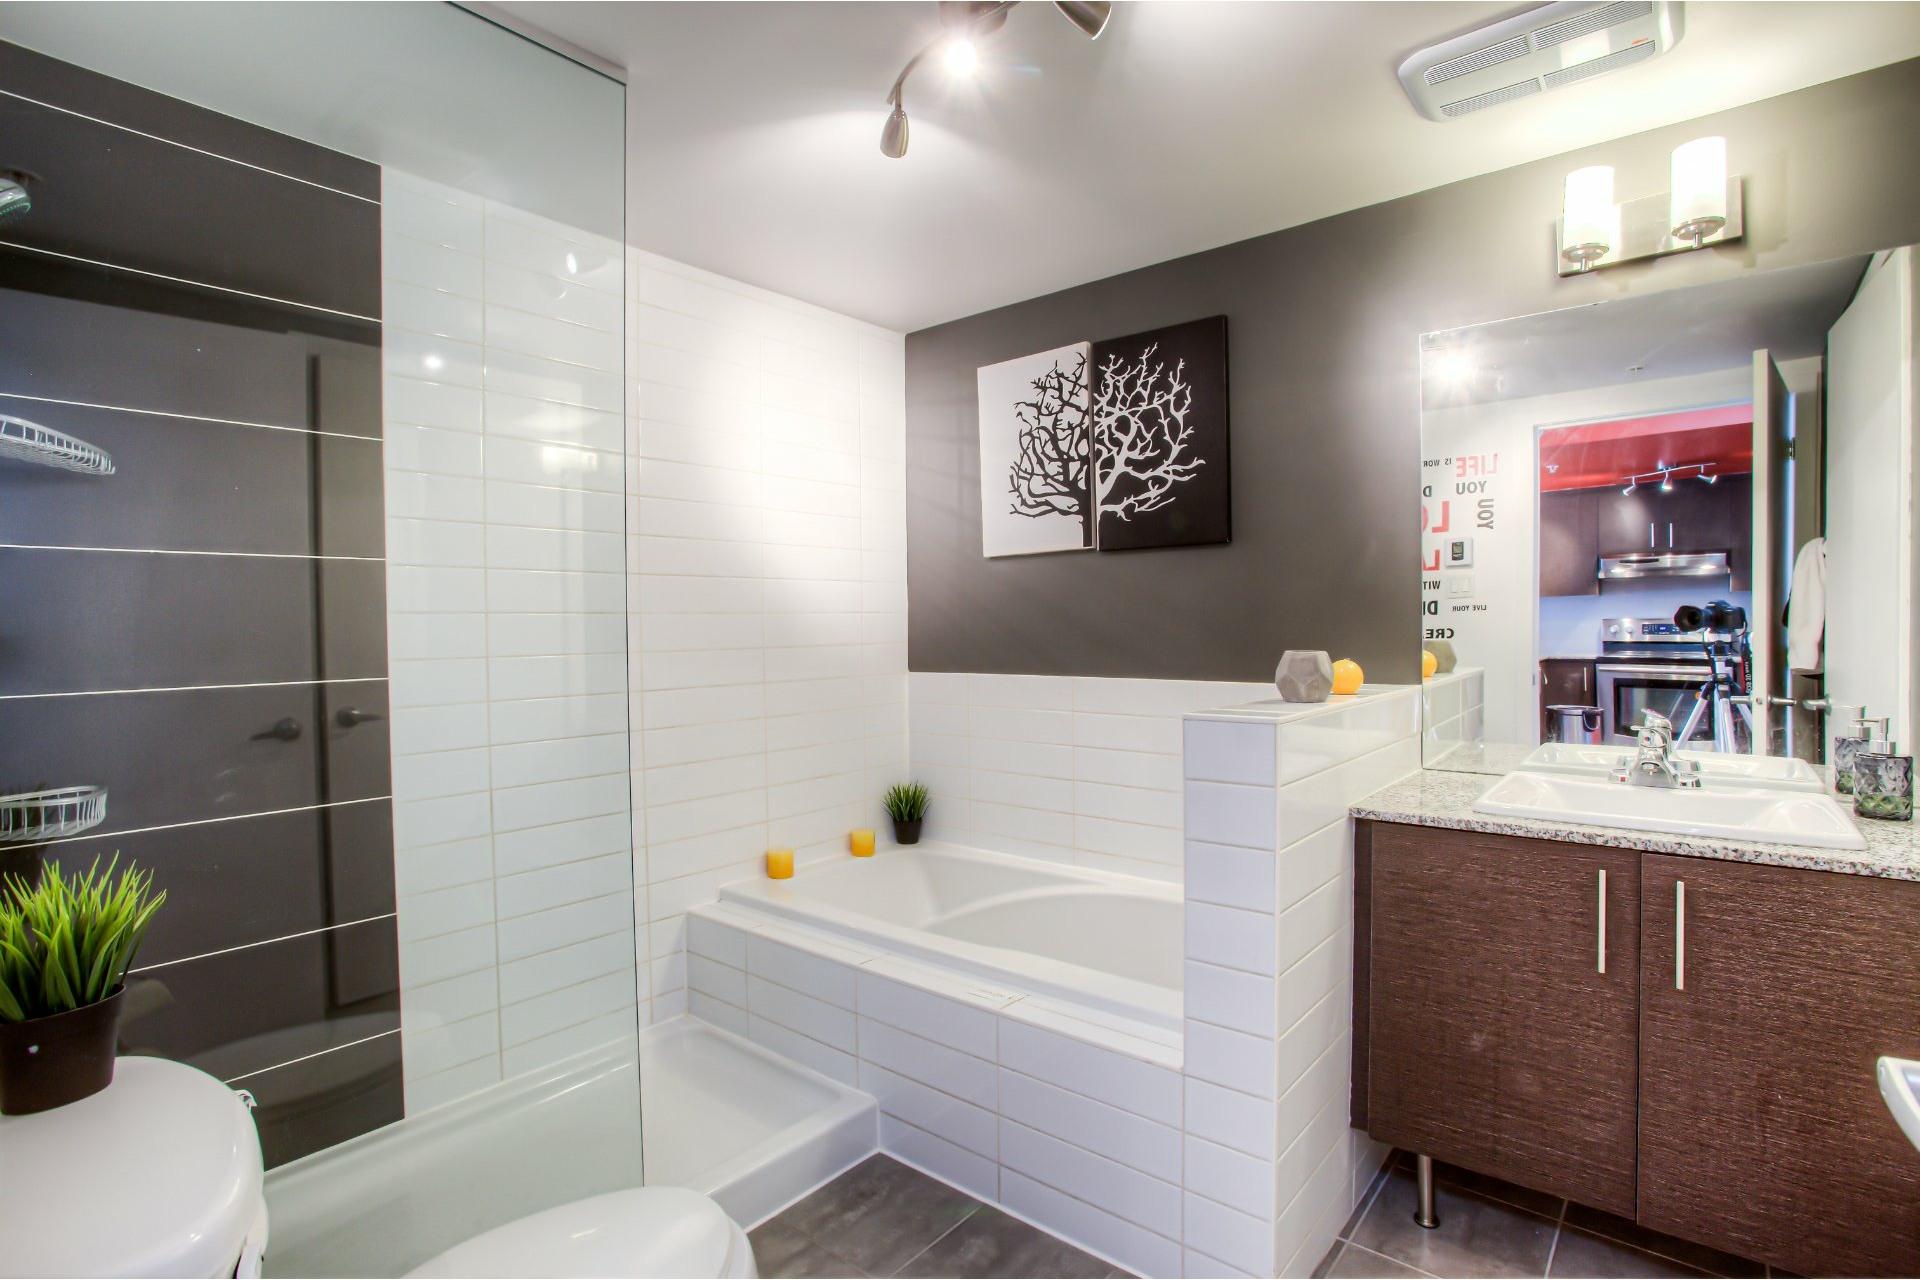 image 12 - Appartement À vendre Ahuntsic-Cartierville Montréal  - 3 pièces